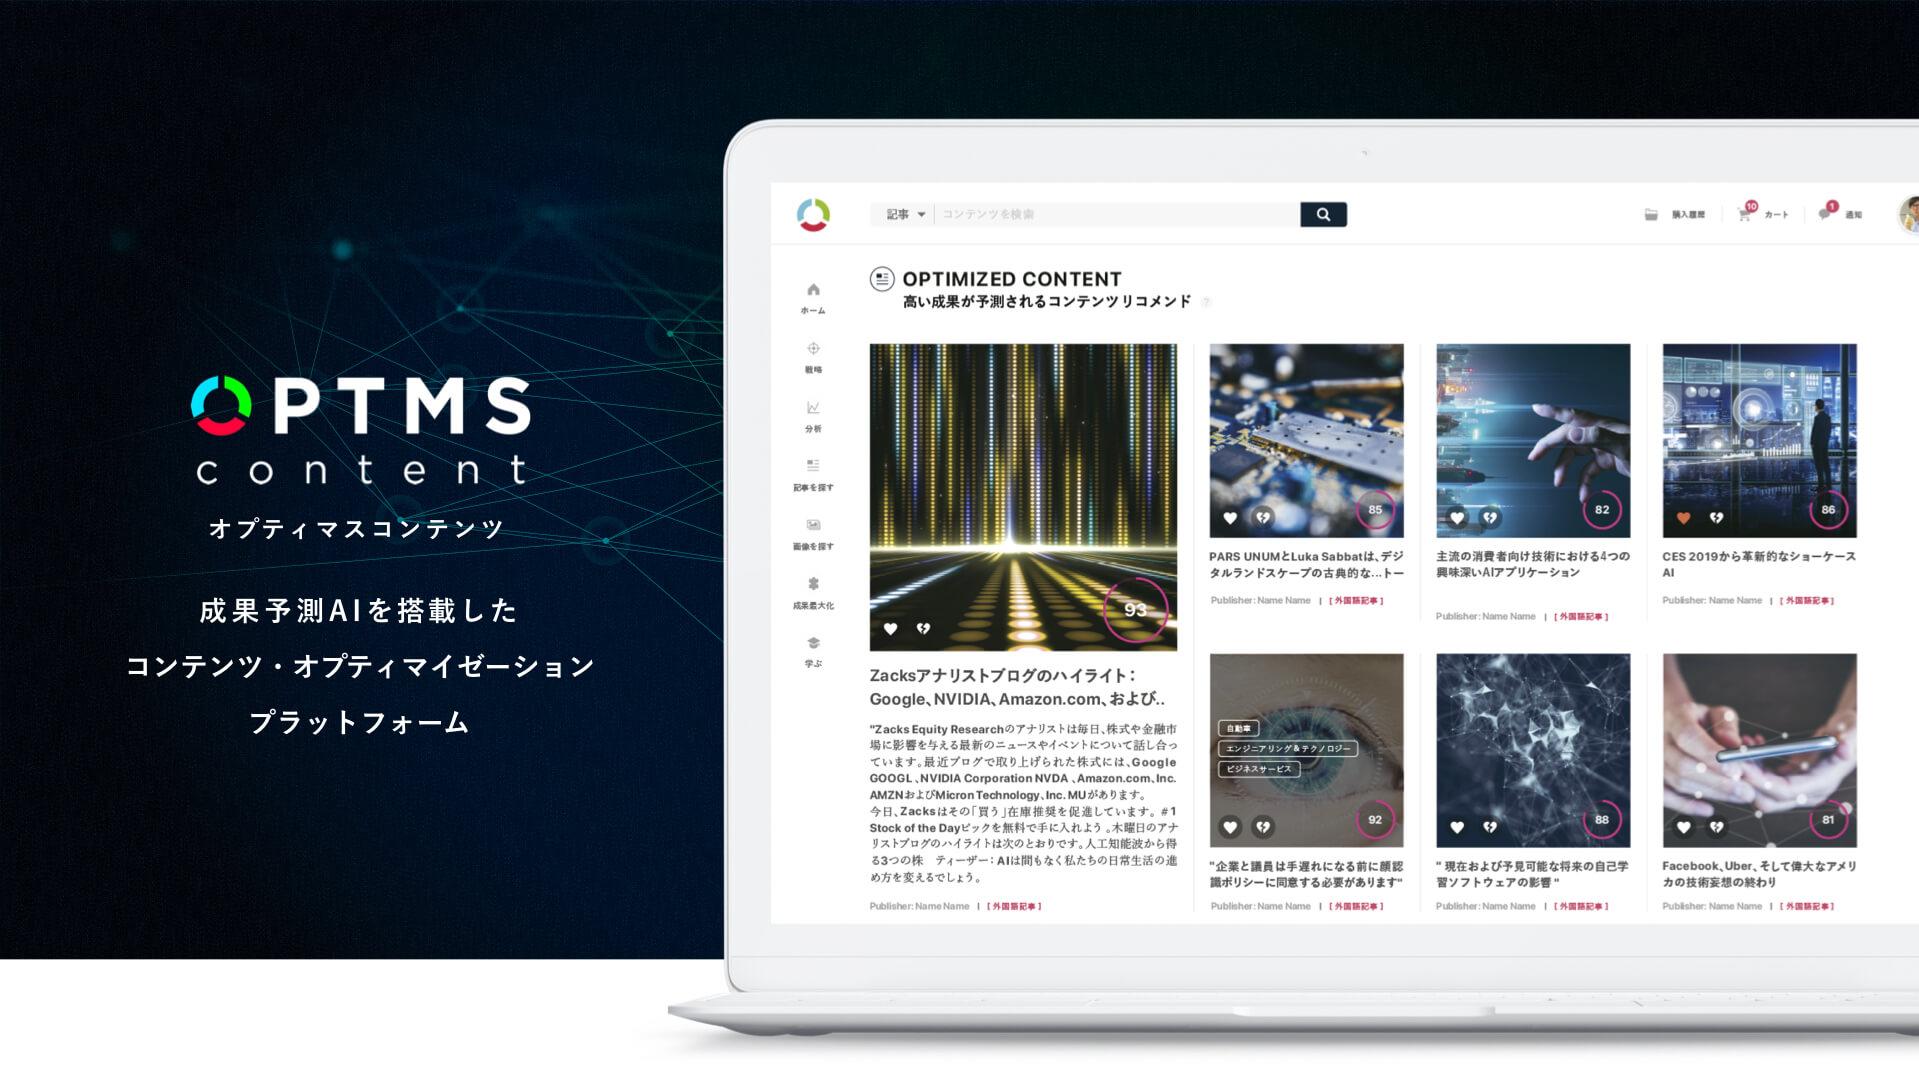 OPTMS CONTENT(オプティマスコンテンツ)。成果予測AIを搭載したコンテンツ・オプティマイゼーションプラットフォーム